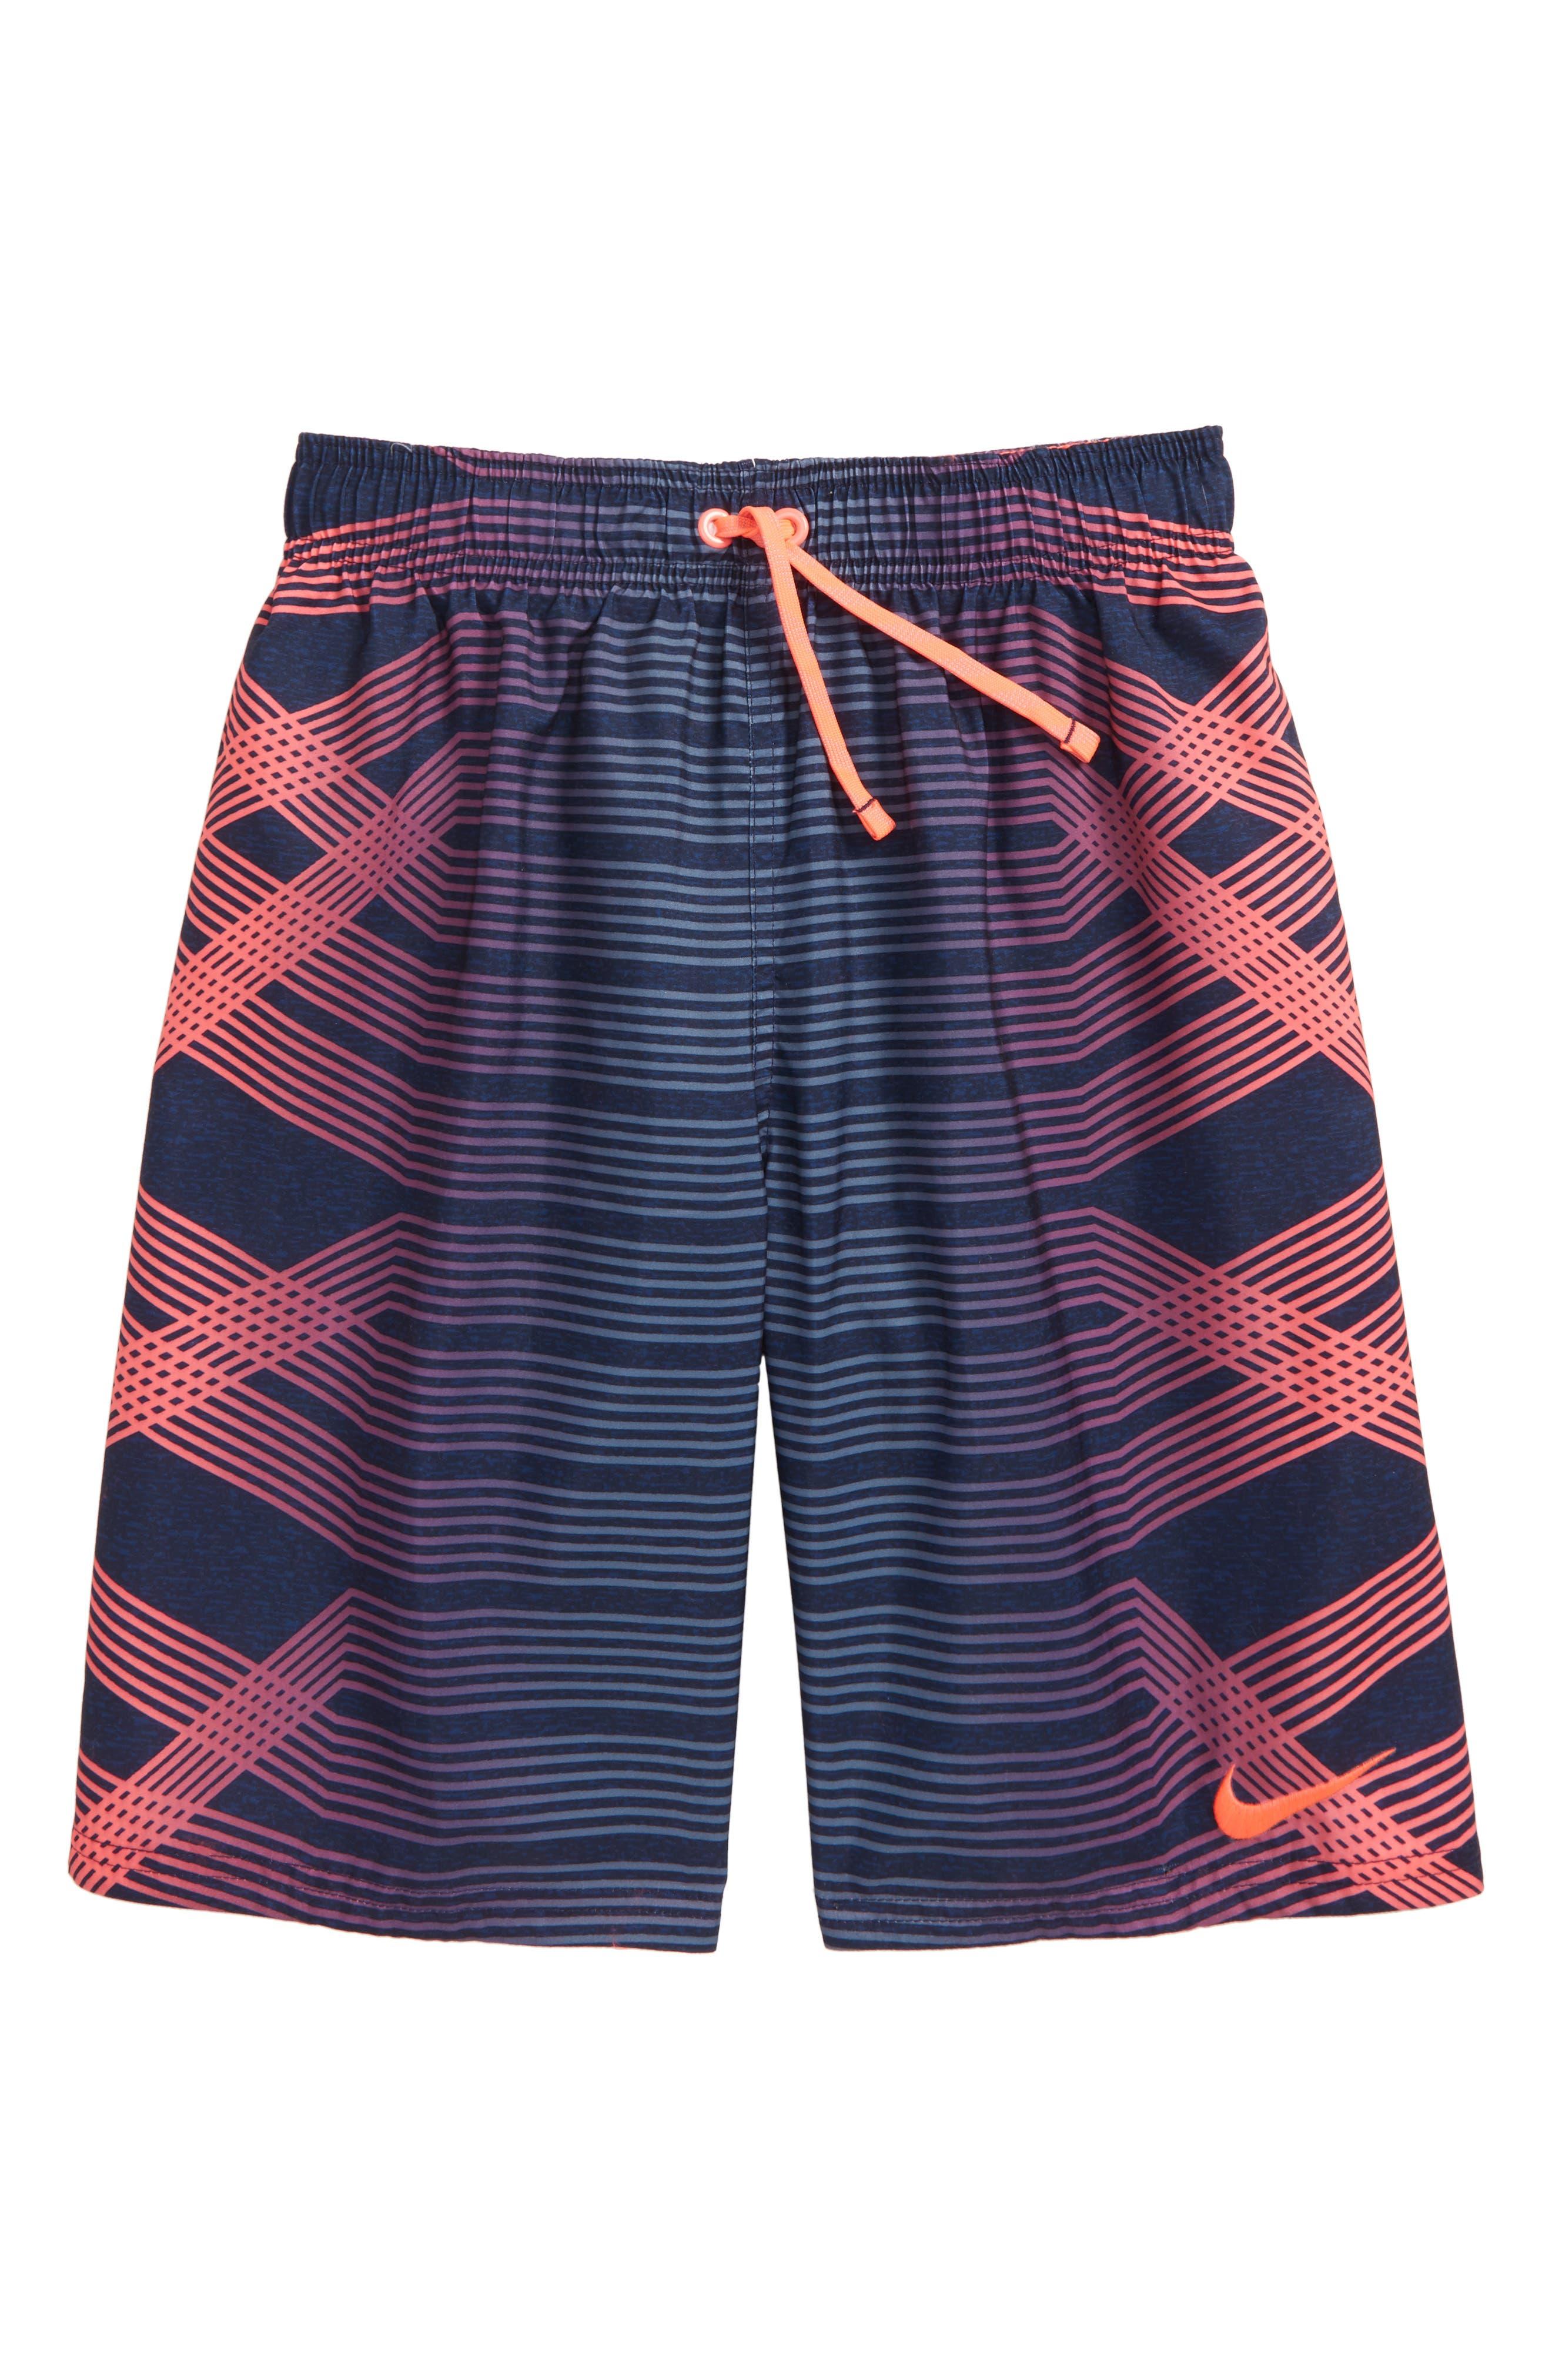 Breaker Volley Shorts,                             Main thumbnail 1, color,                             Hot Punch